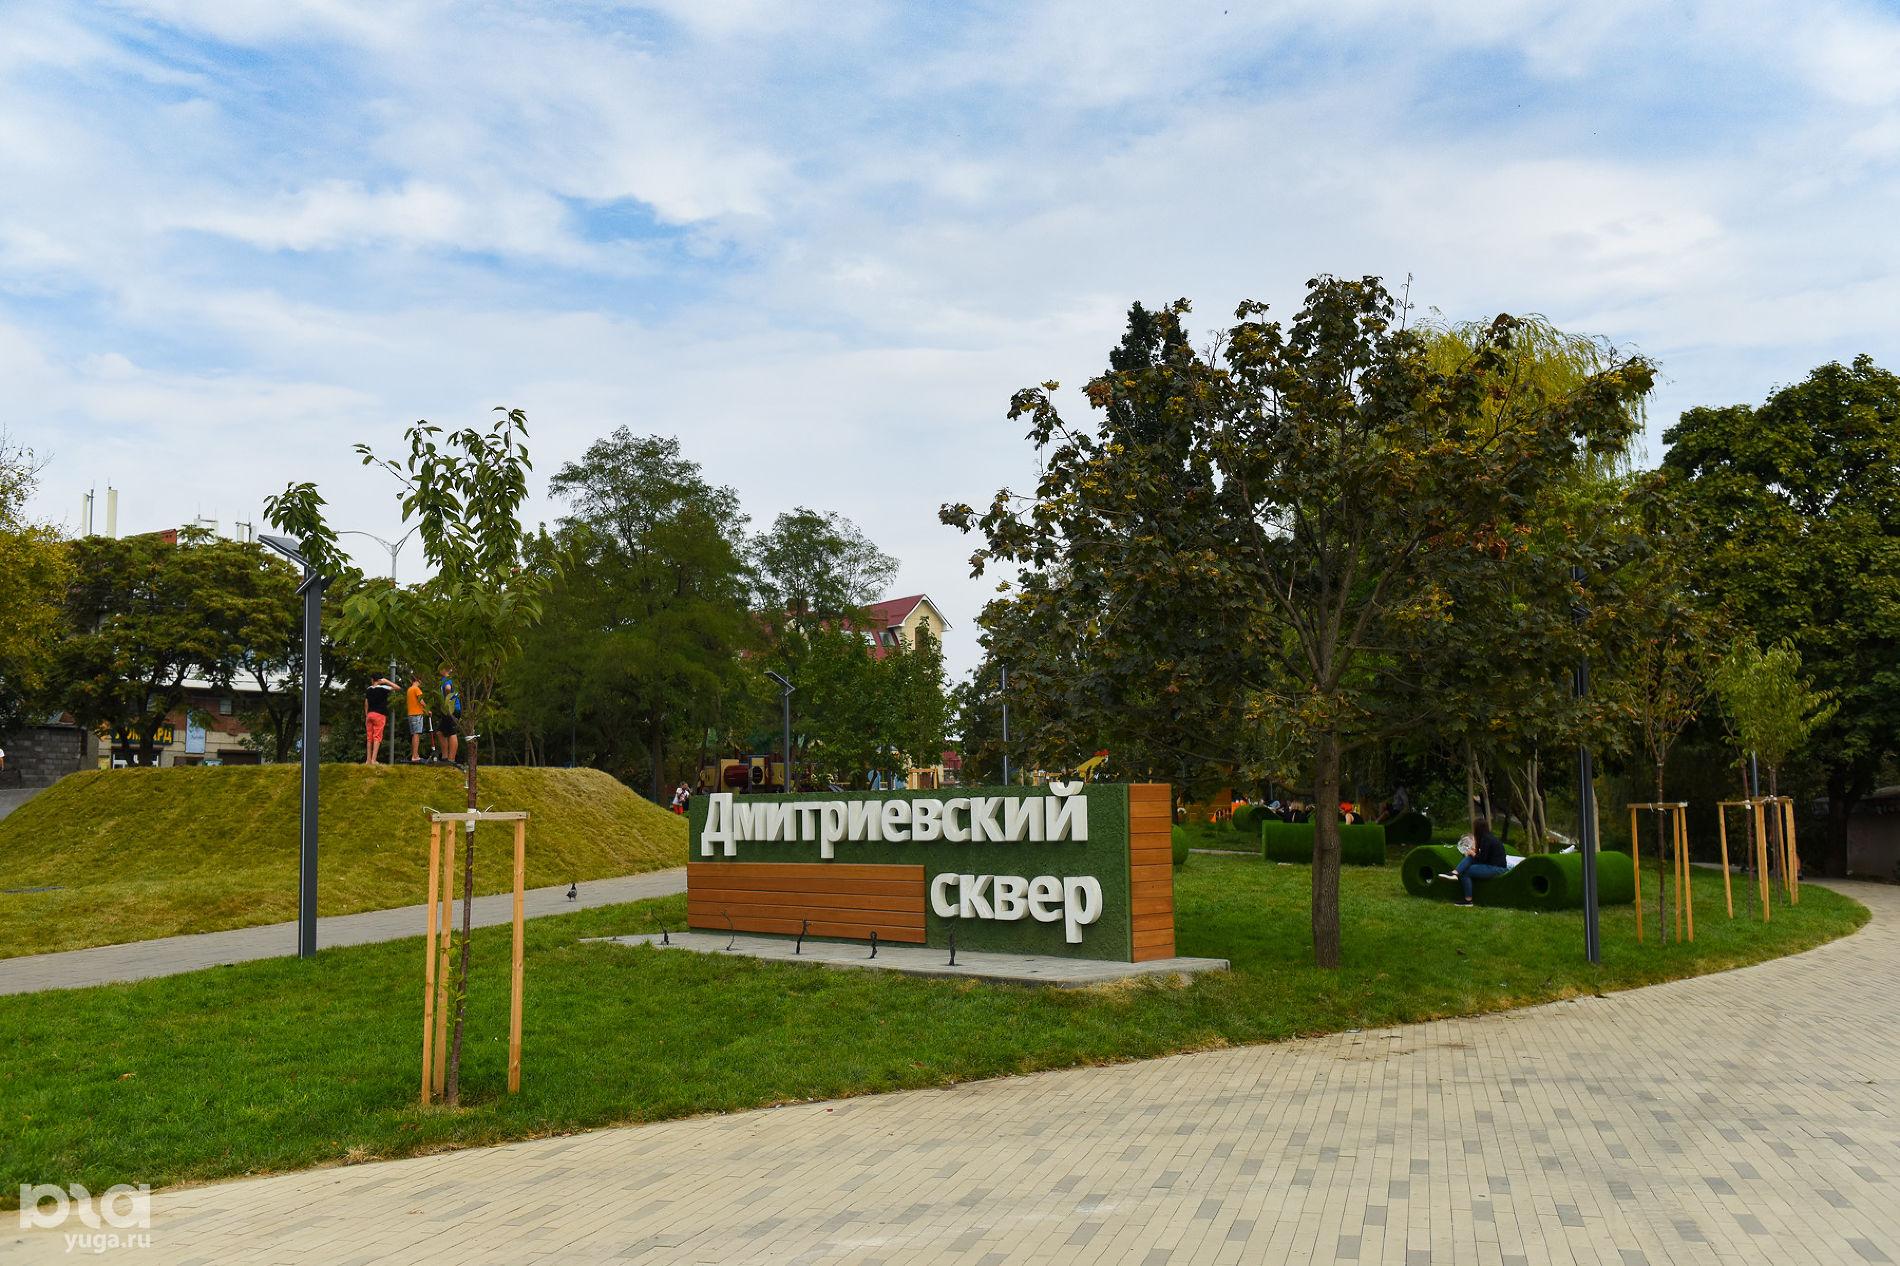 Дмитриевский сквер ©Фото Елены Синеок, Юга.ру